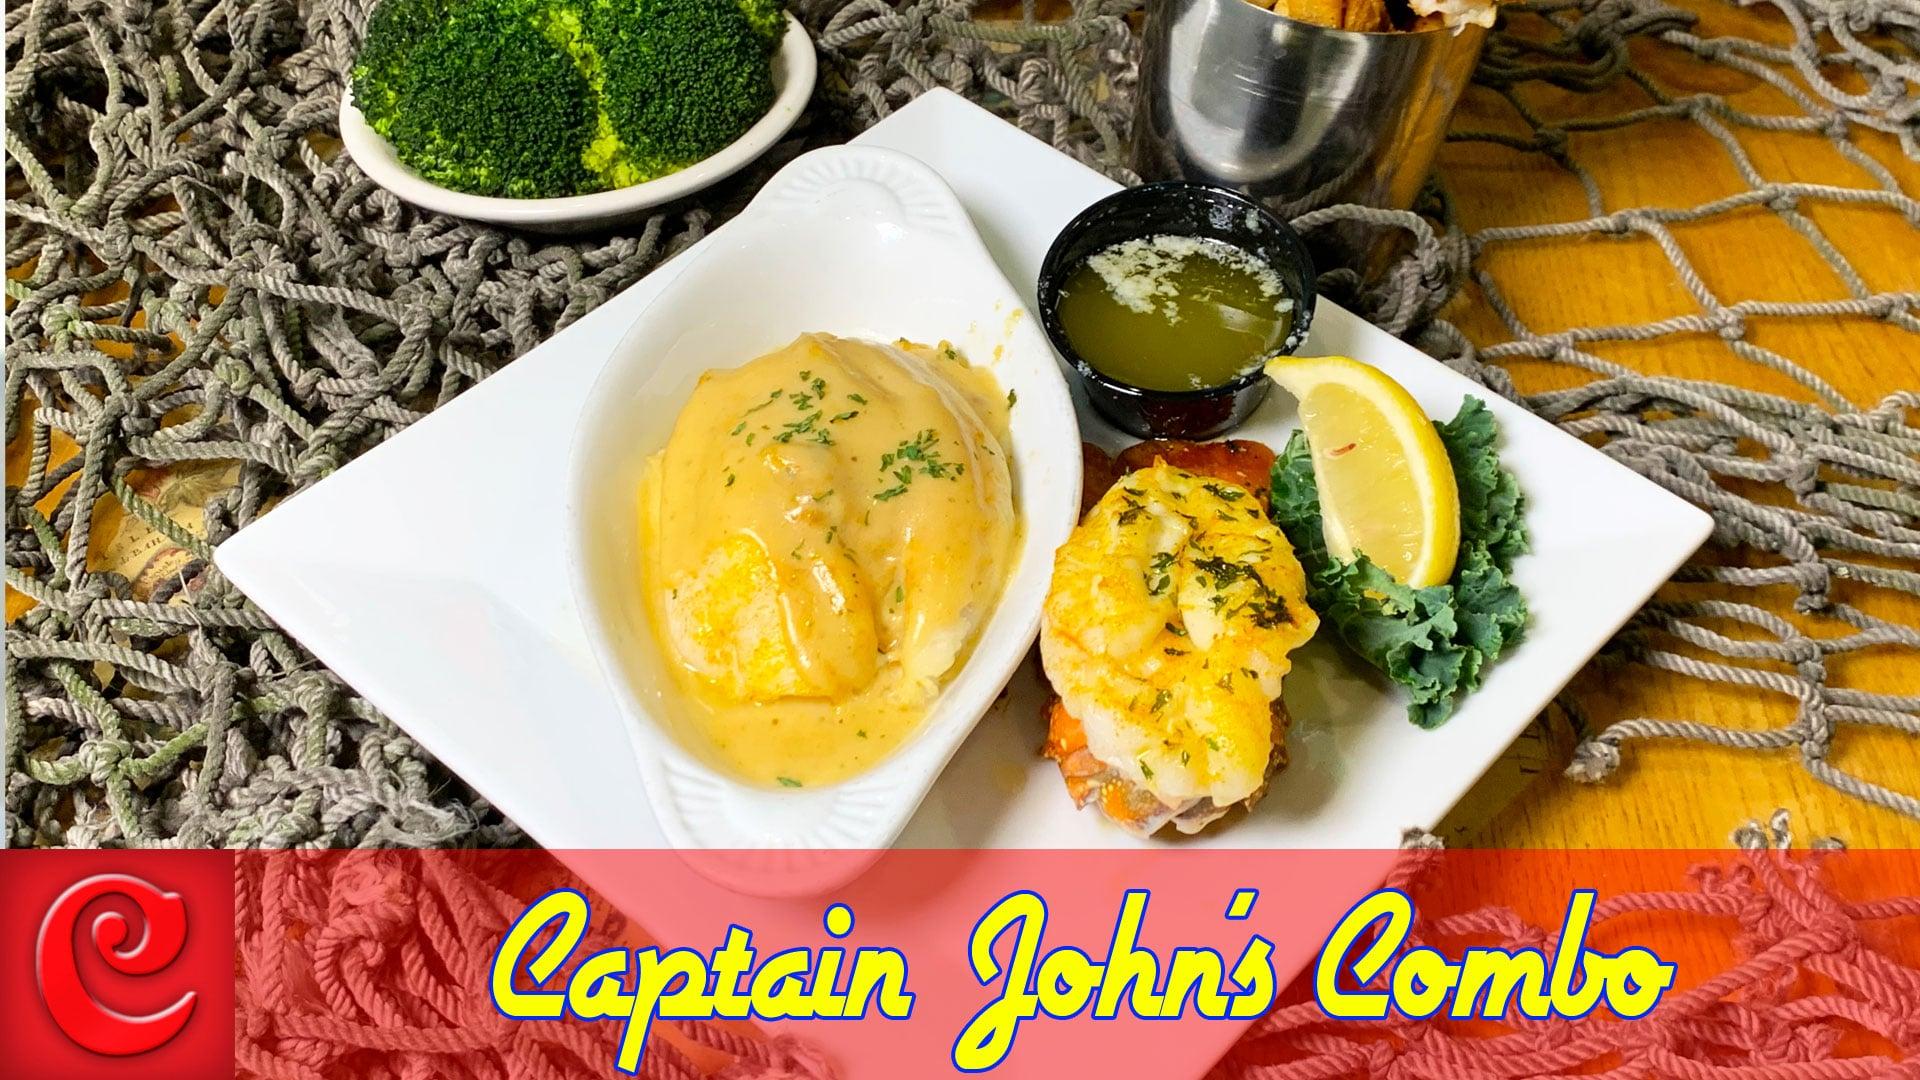 Captain John's Combo Platter Special